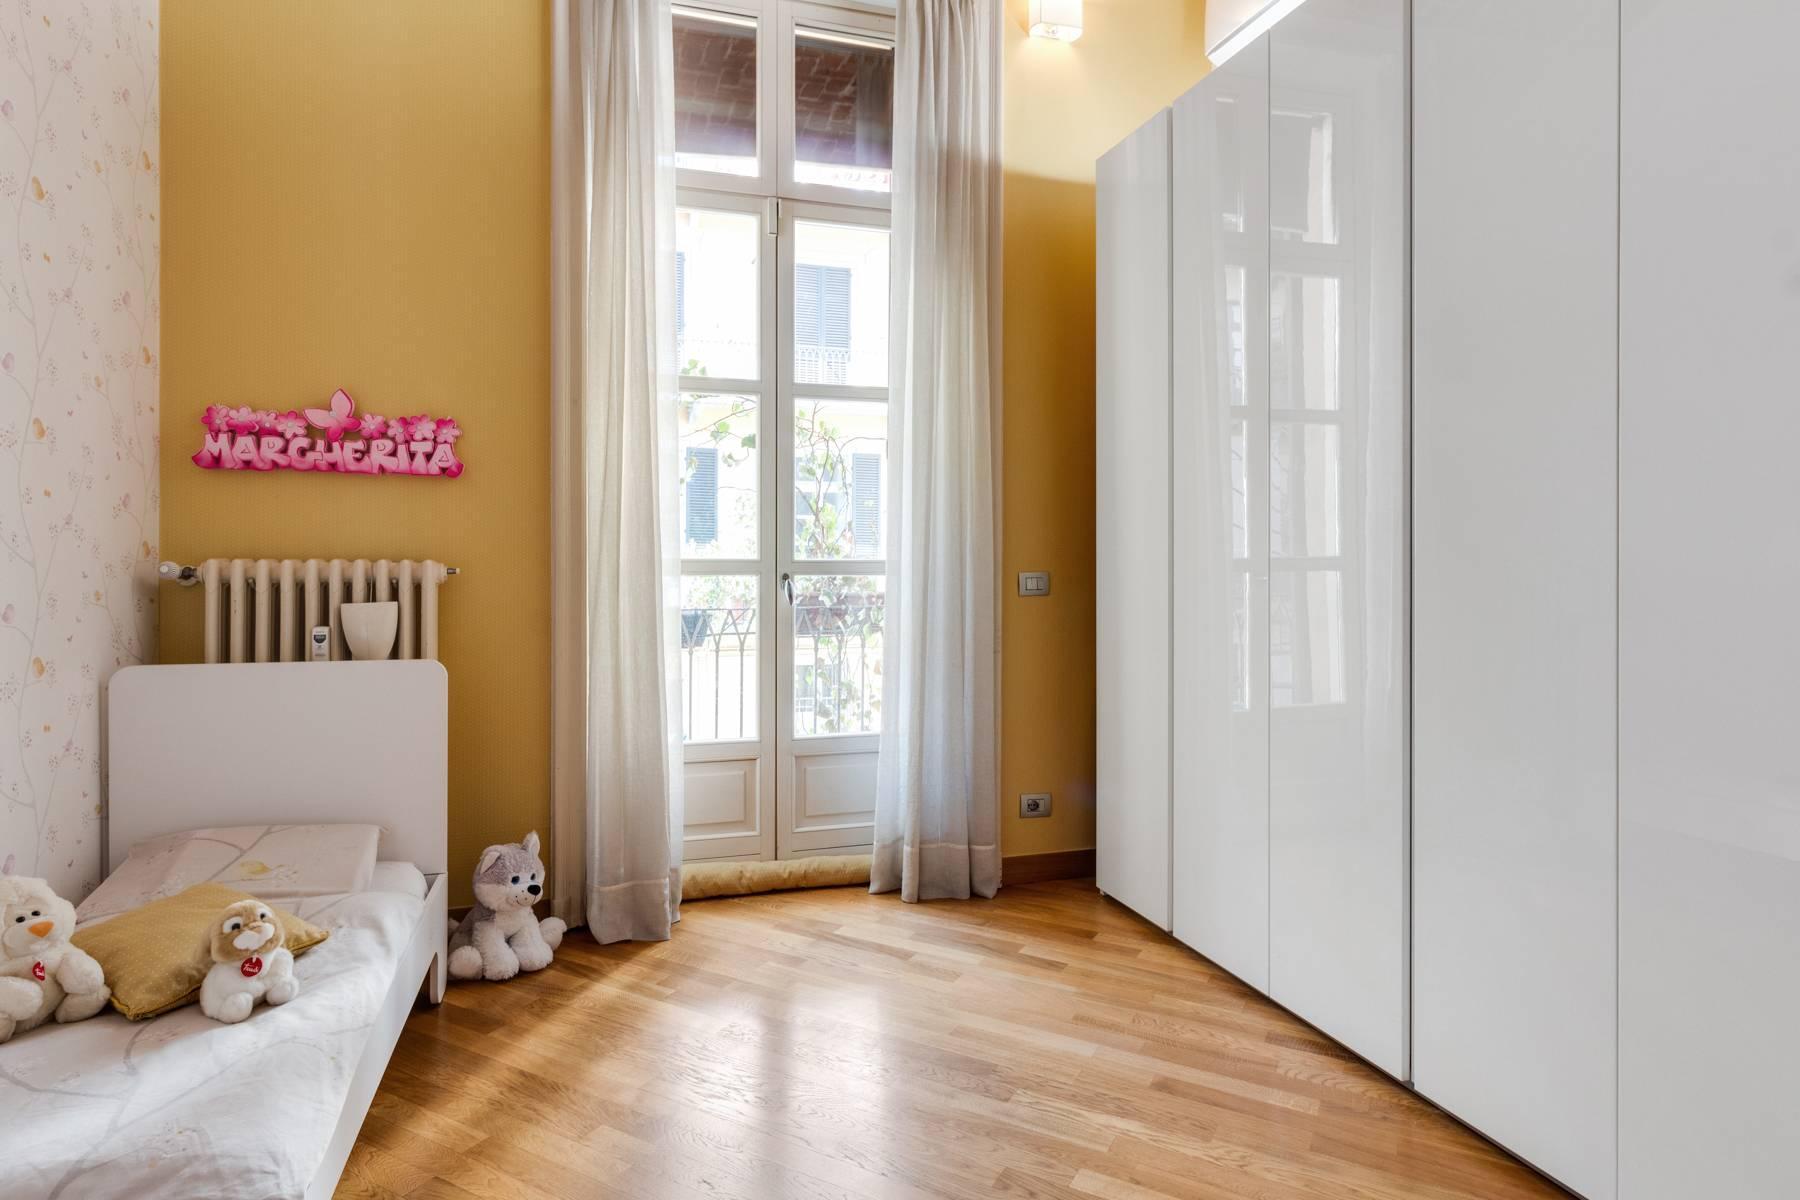 Affascinante appartamento nel cuore del quartiere Cit Turin - 19